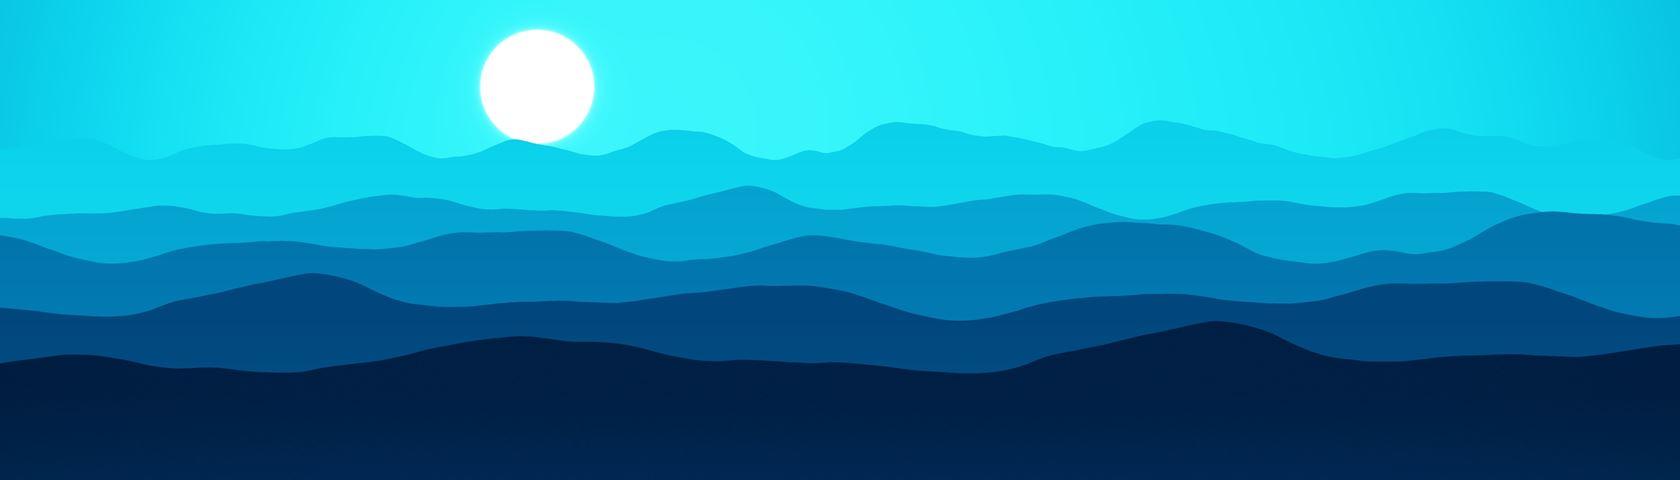 Mountains (Bluish Cyan)